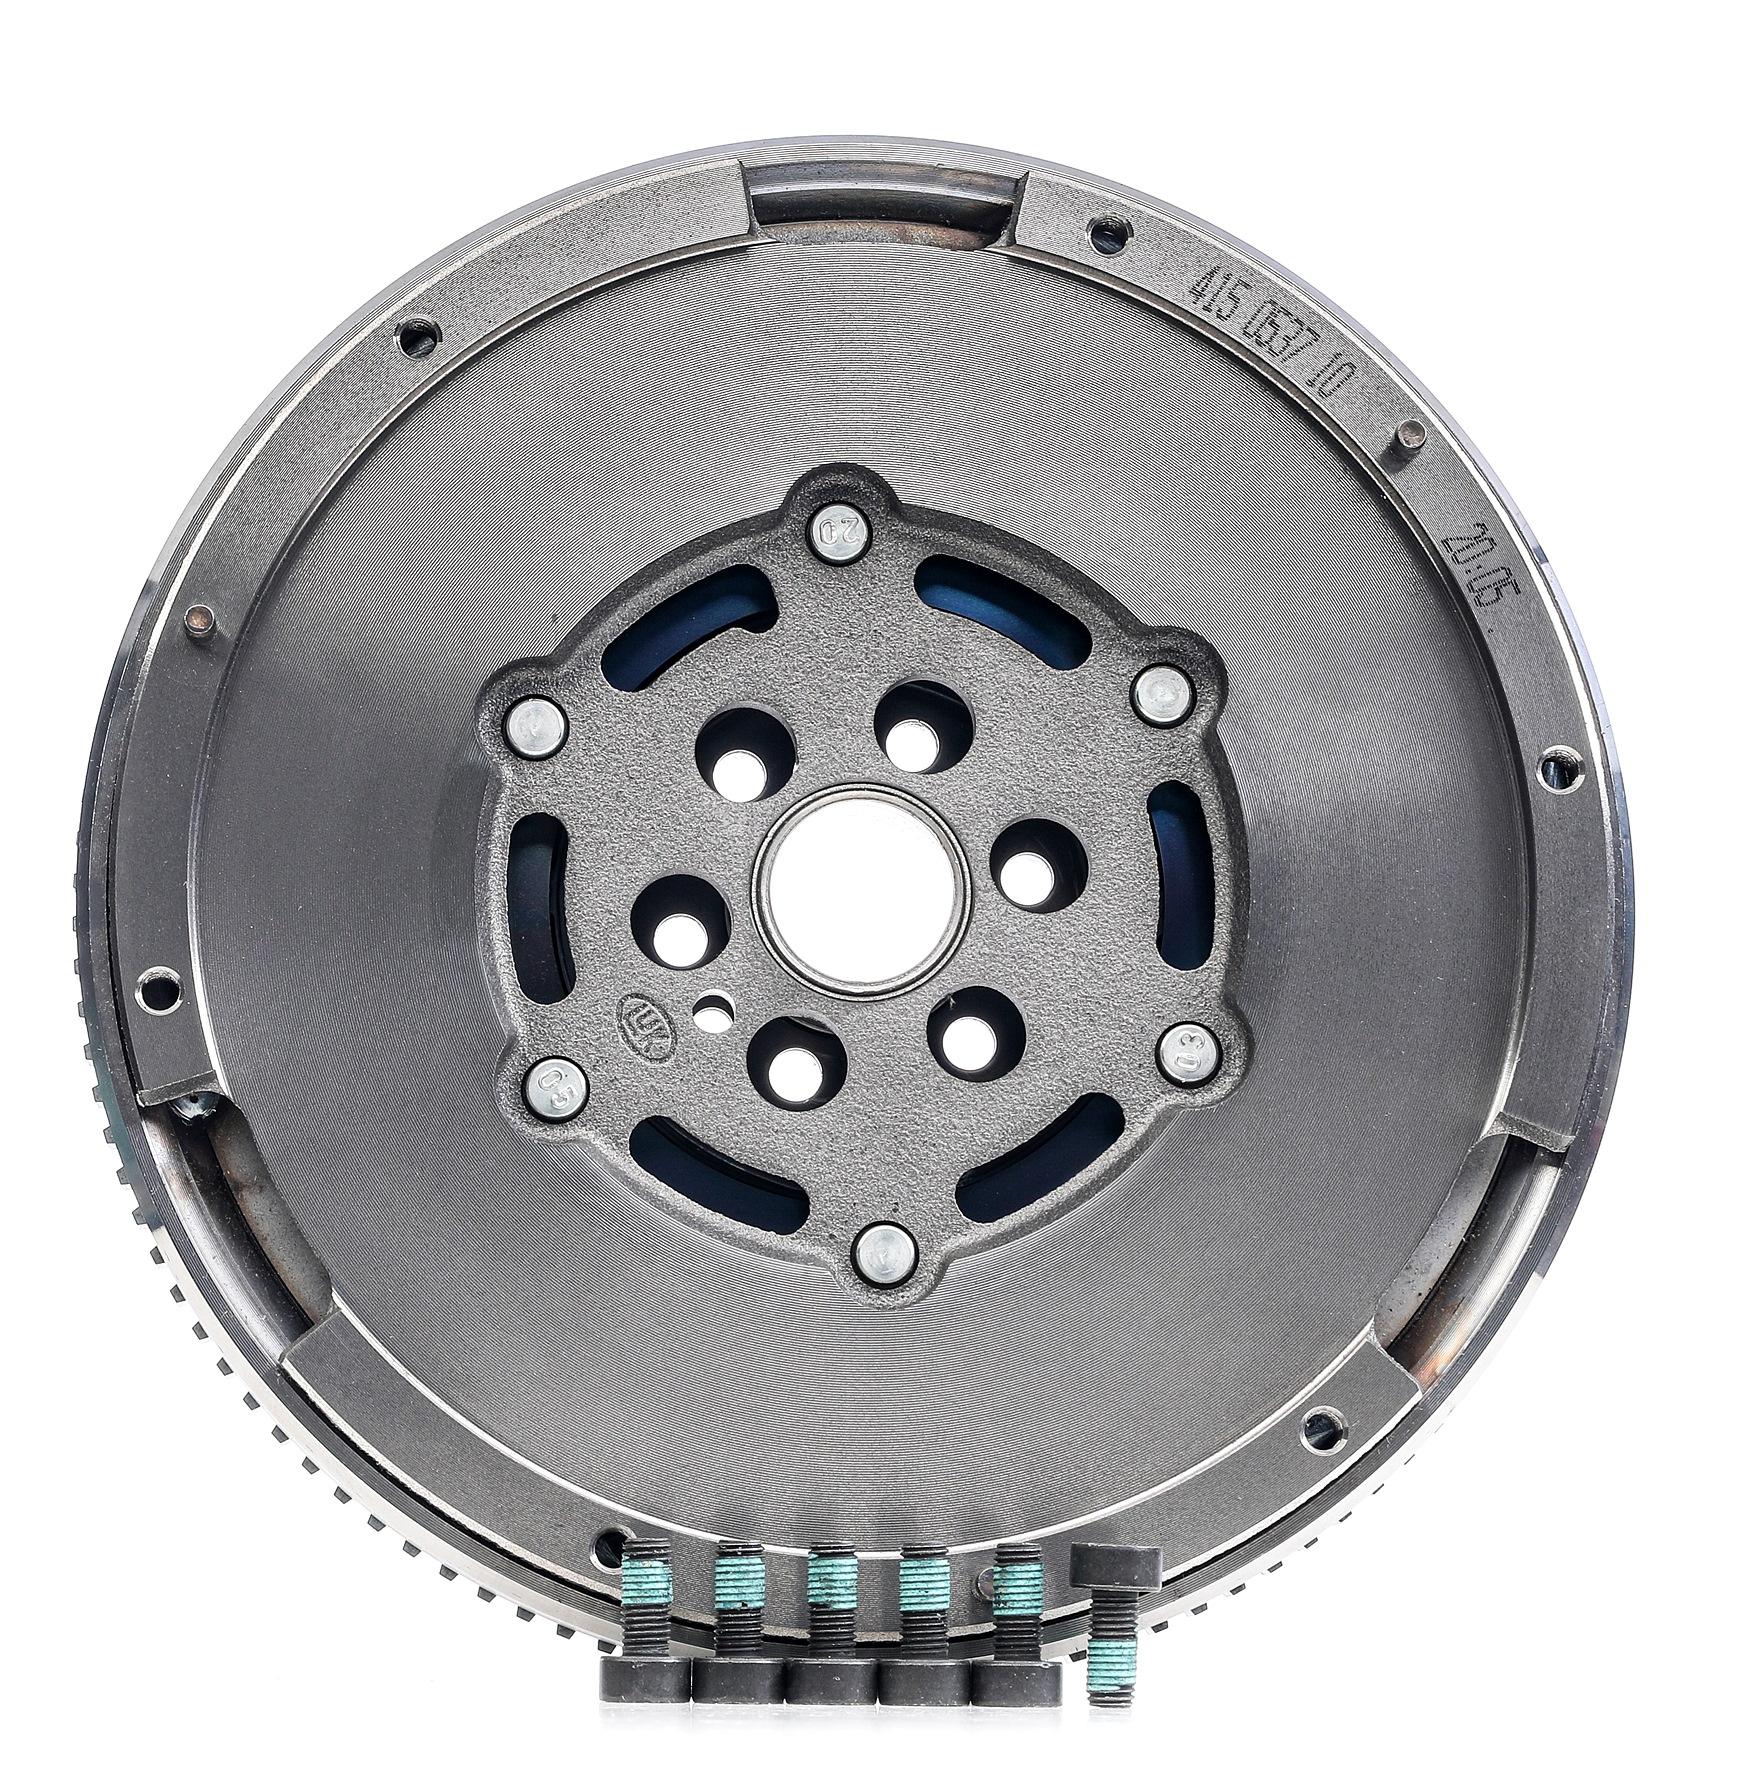 Originali Frizione / parti di montaggio 415 0537 11 Mazda